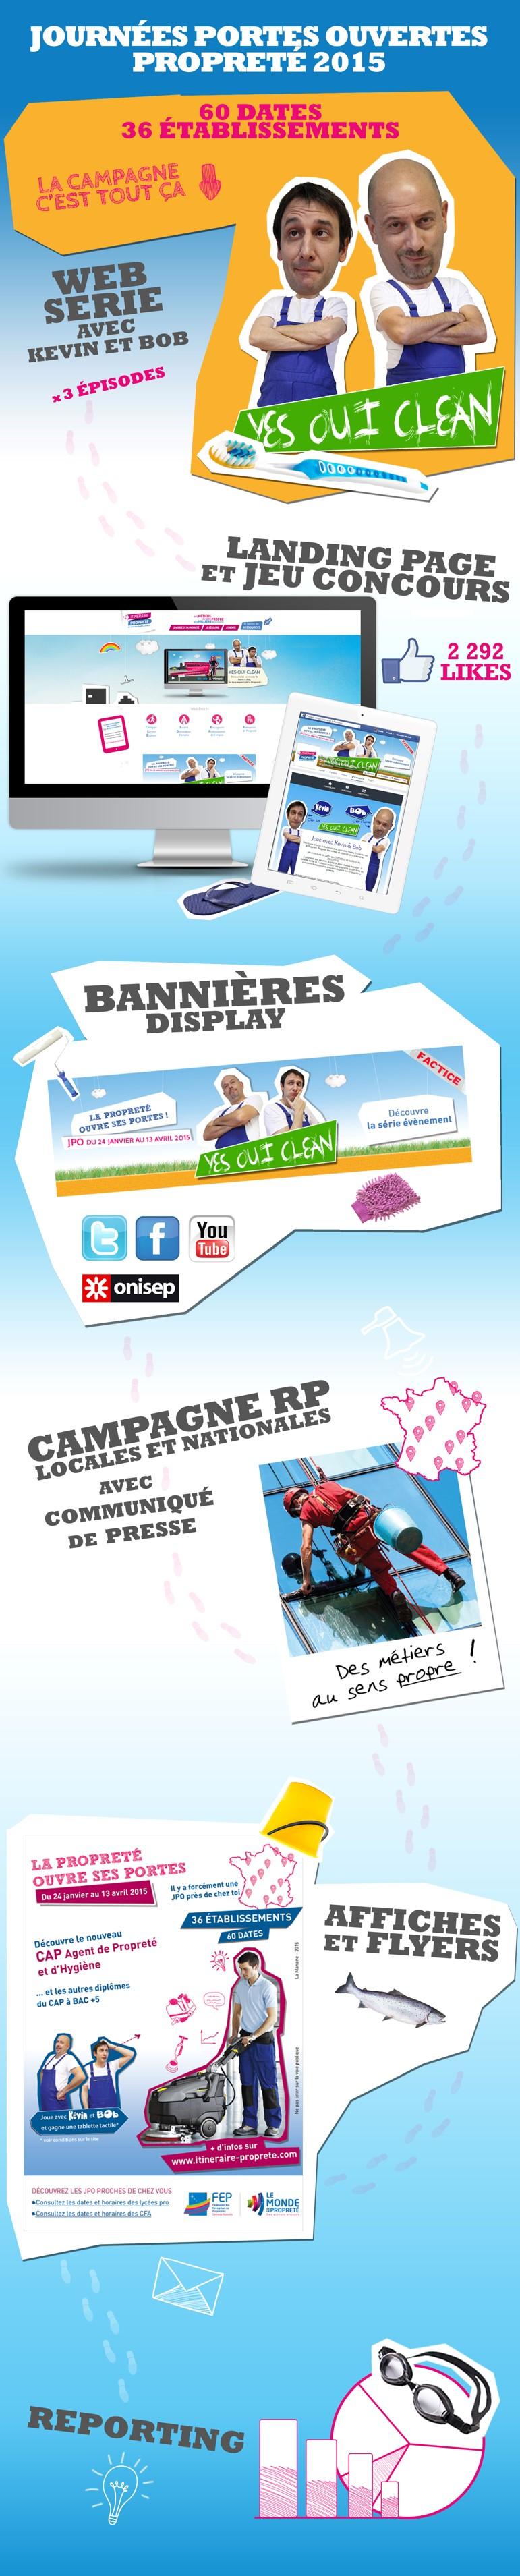 Journées portes ouverte de la propreté - La Manane, agence de communication pédagogique crossmedia